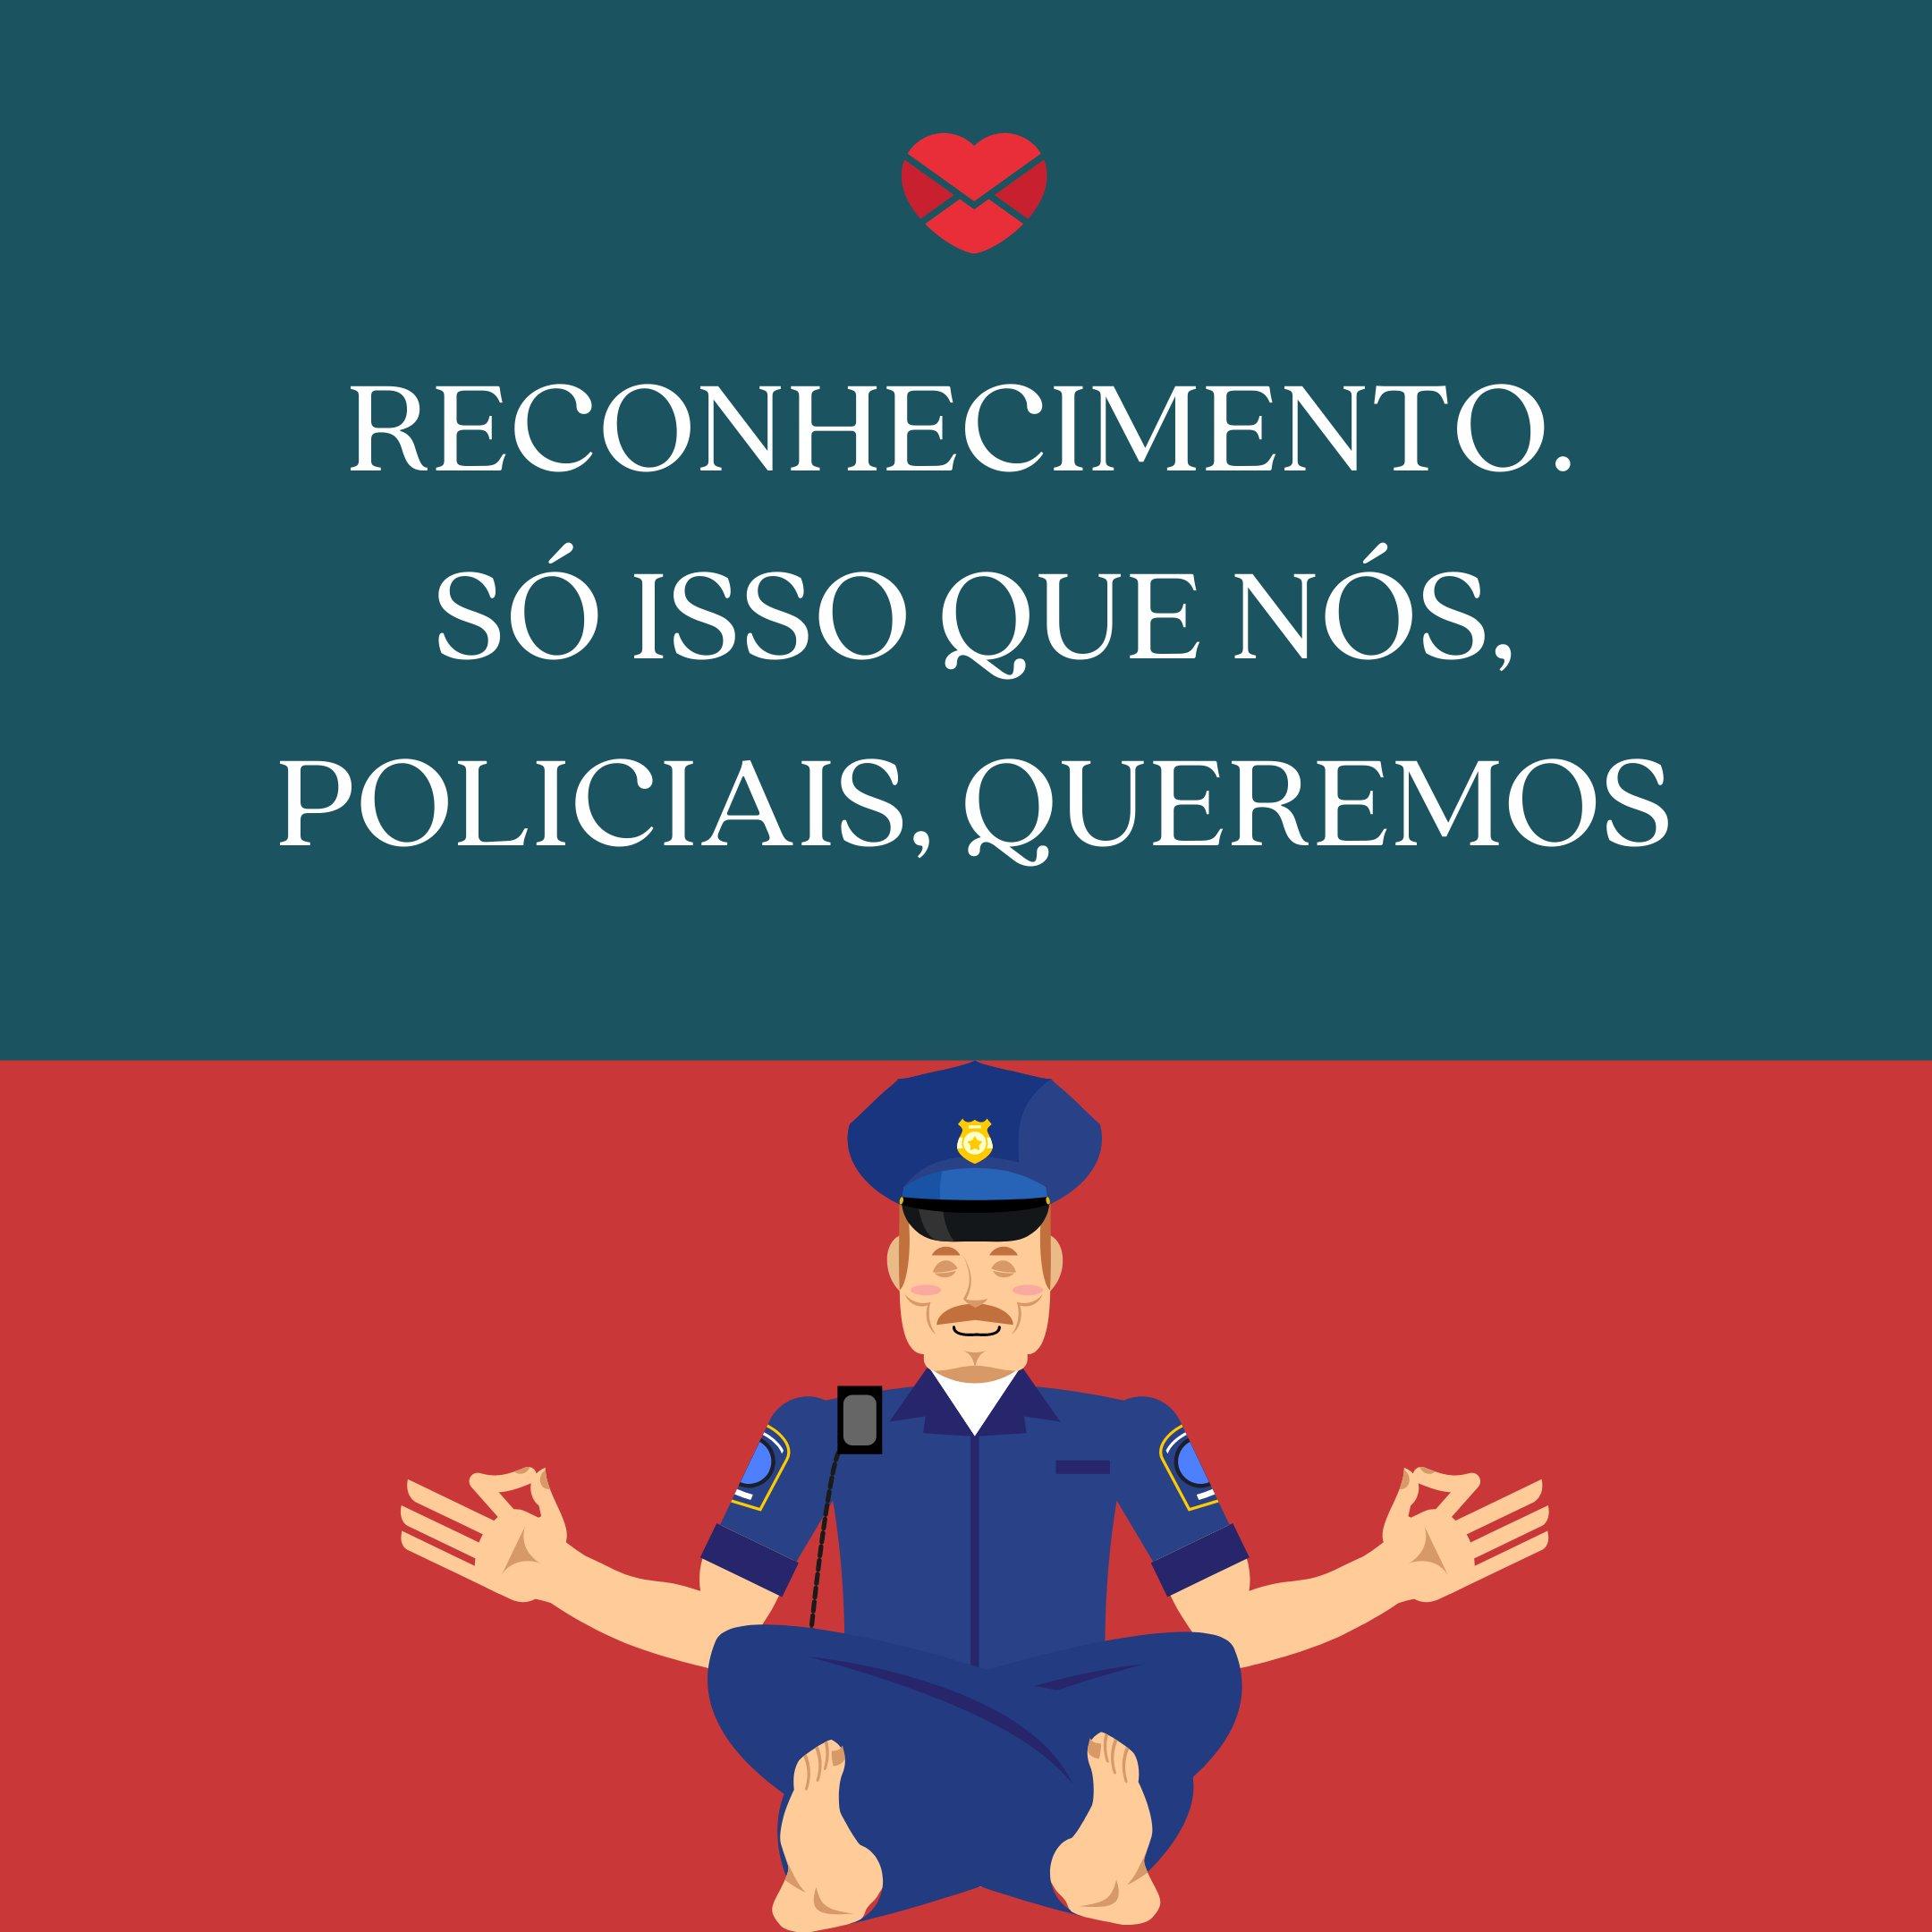 'Reconhecimento.  Só isso que NÓS, POLICIAIS, QUEREMOS' - Frases sobre Polícia